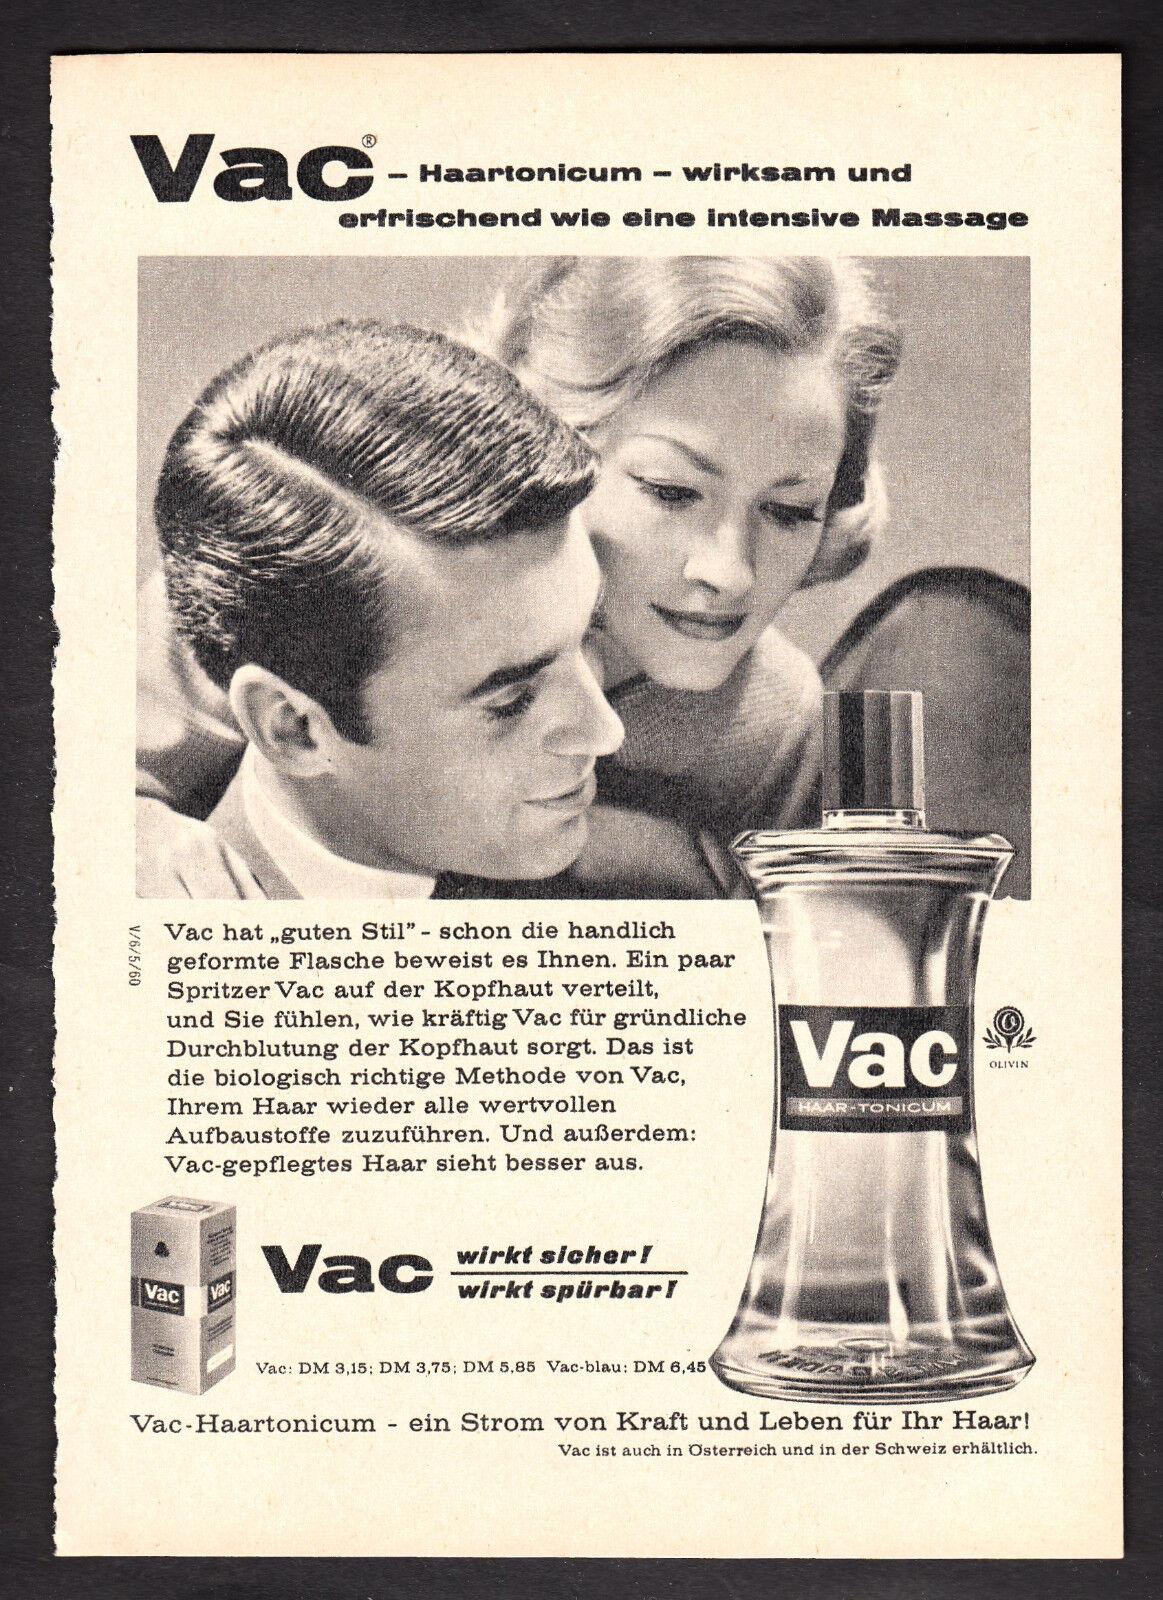 3w2288/ Alte Reklame von 1960 - VAC Haartonicum - Ihr Haar braucht es!